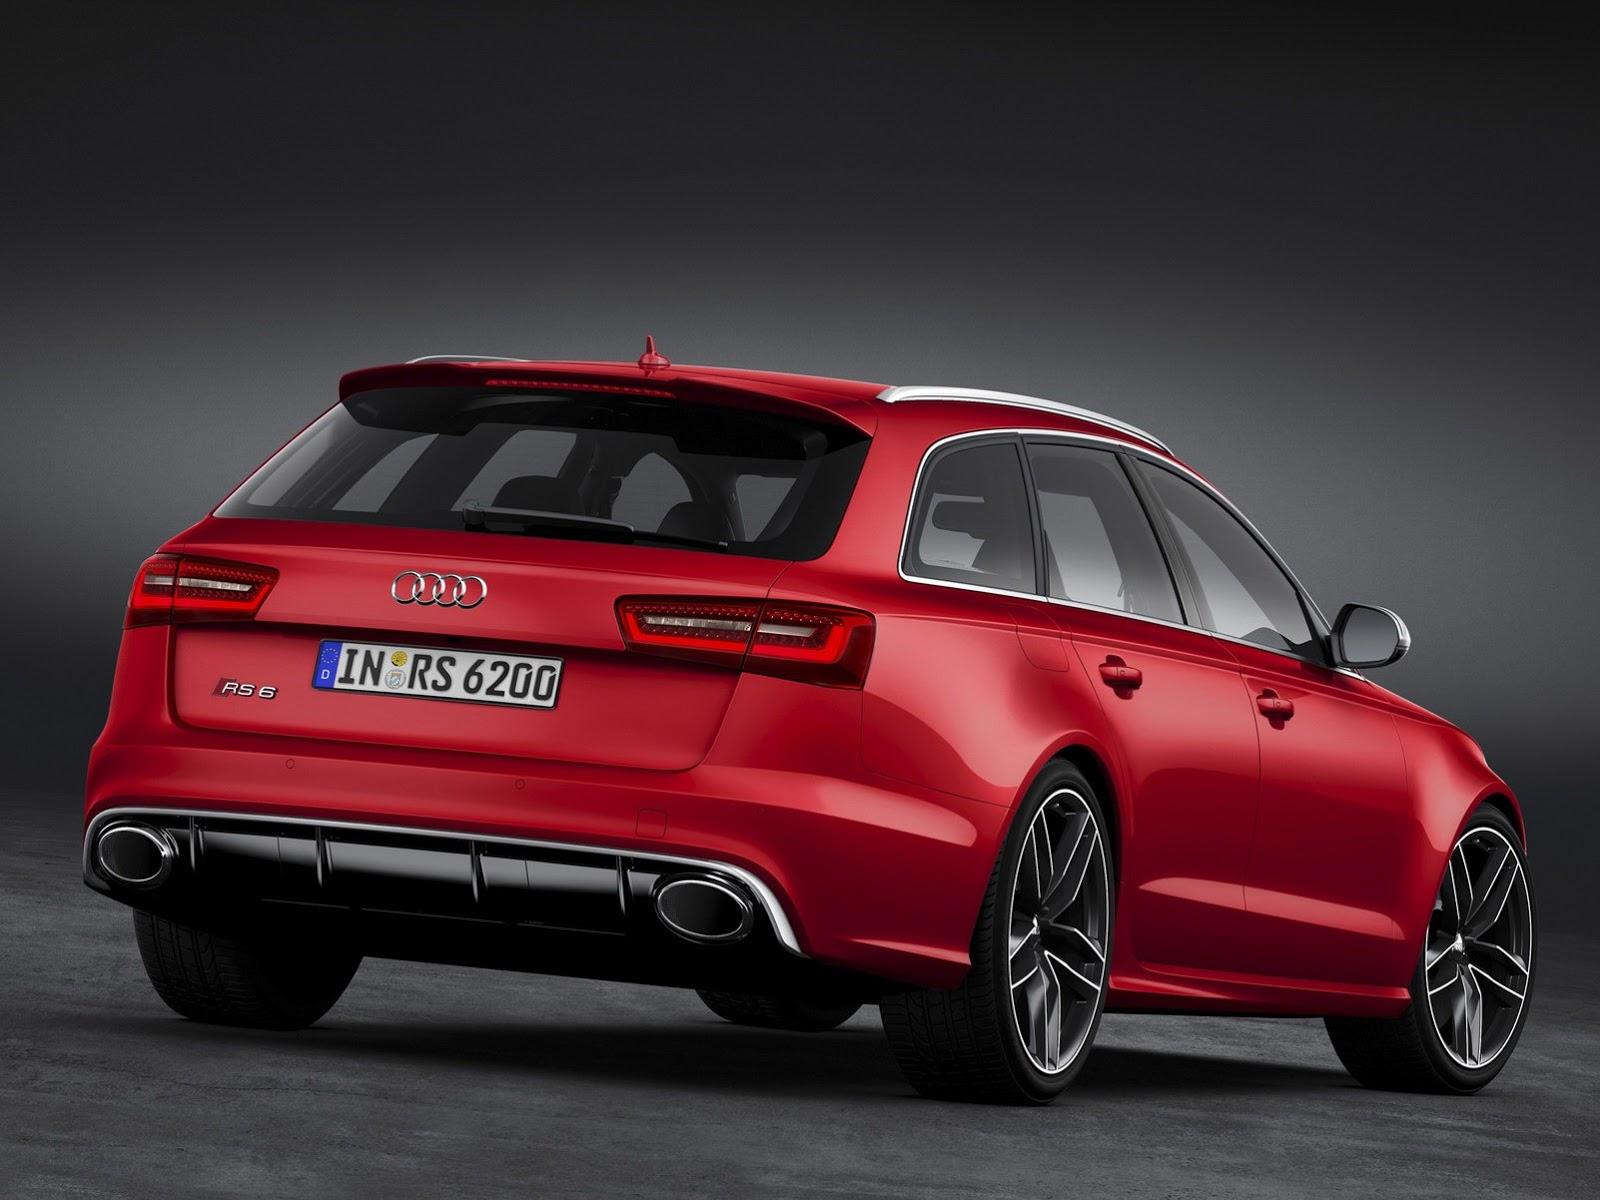 Nouvelle Audi Rs6 Avant Le Monstre Revient Vite